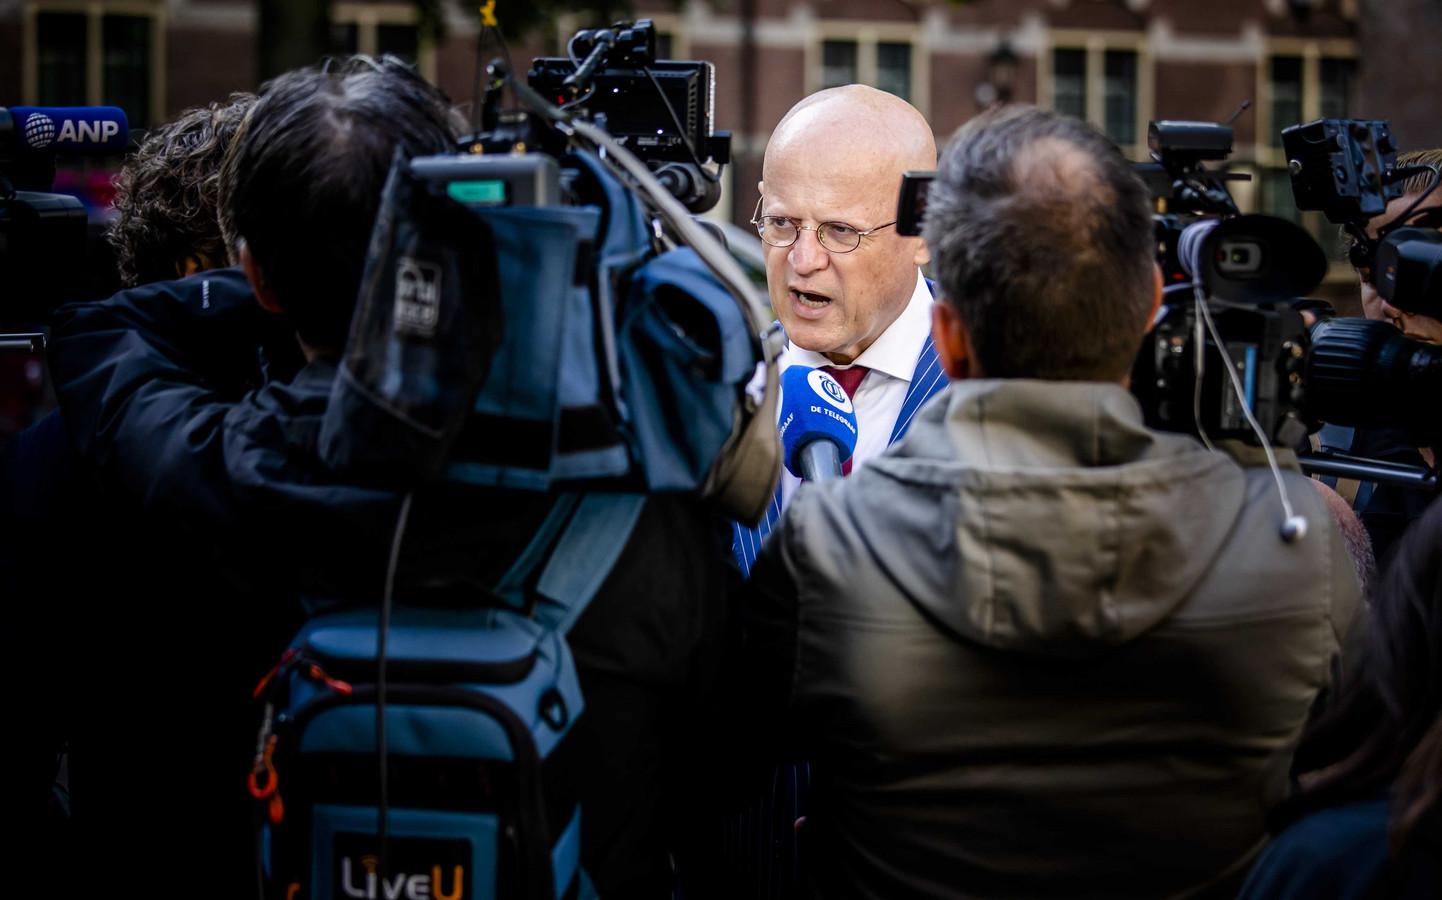 Minister Ferdinand Grapperhaus van Justitie en Veiligheid (CDA) bij aankomst op het Binnenhof.